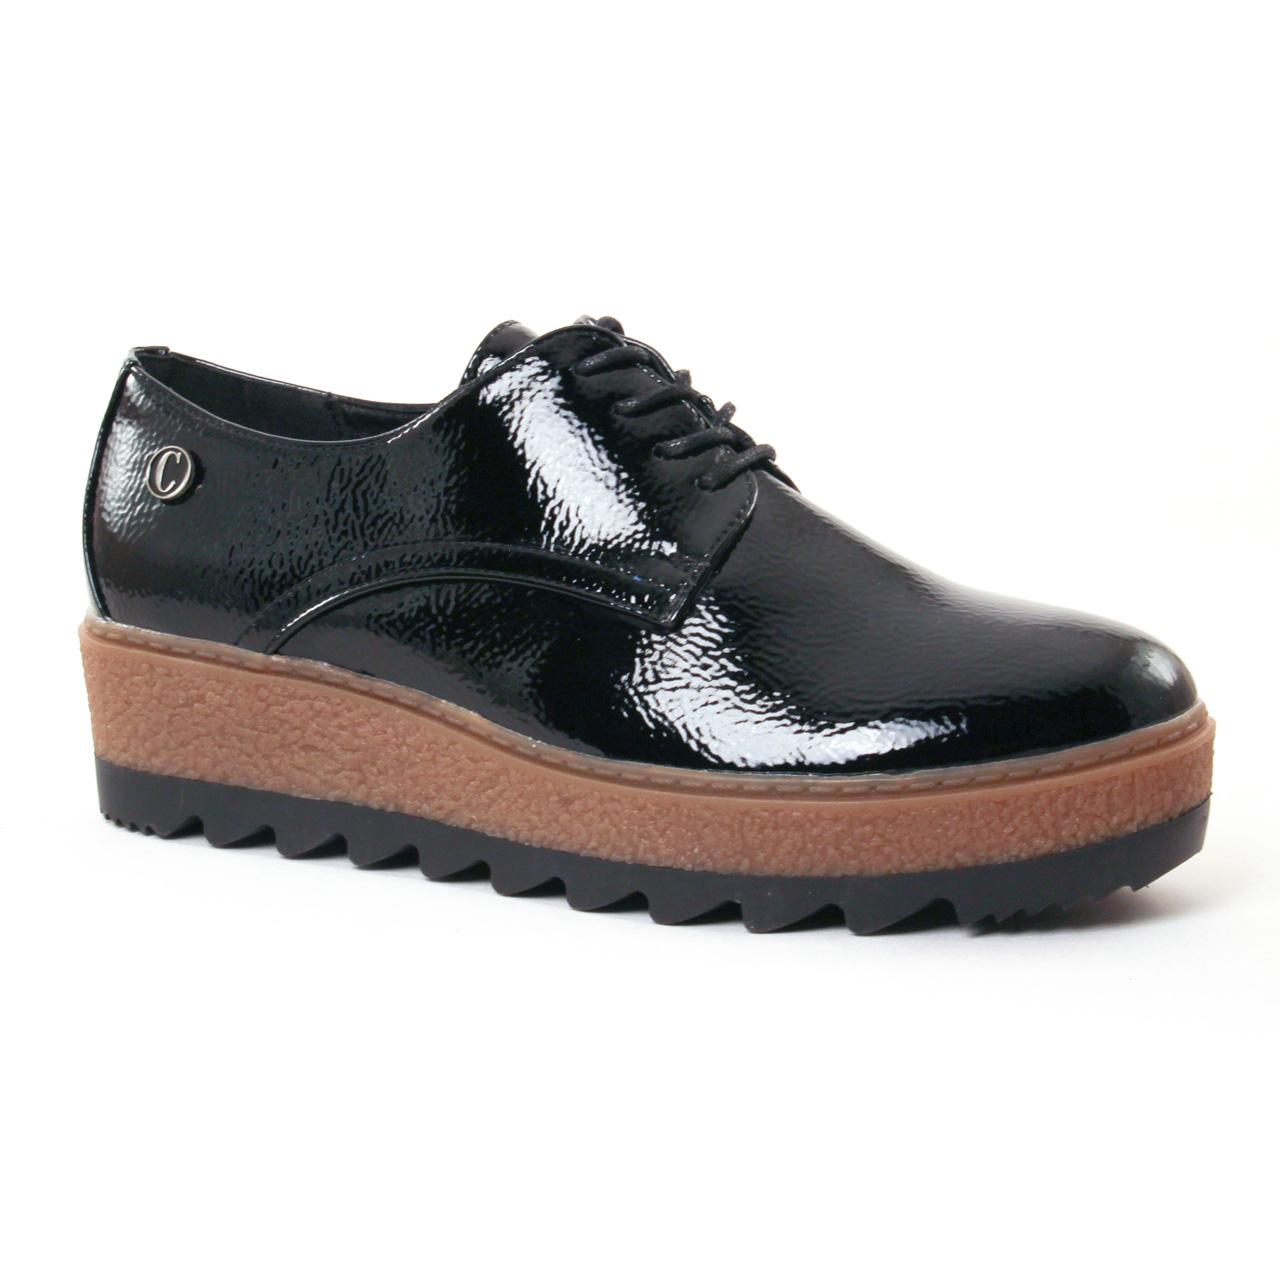 divers design bon service nuances de CARMELA | Chaussures Carmela en ligne - TROIS PAR 3